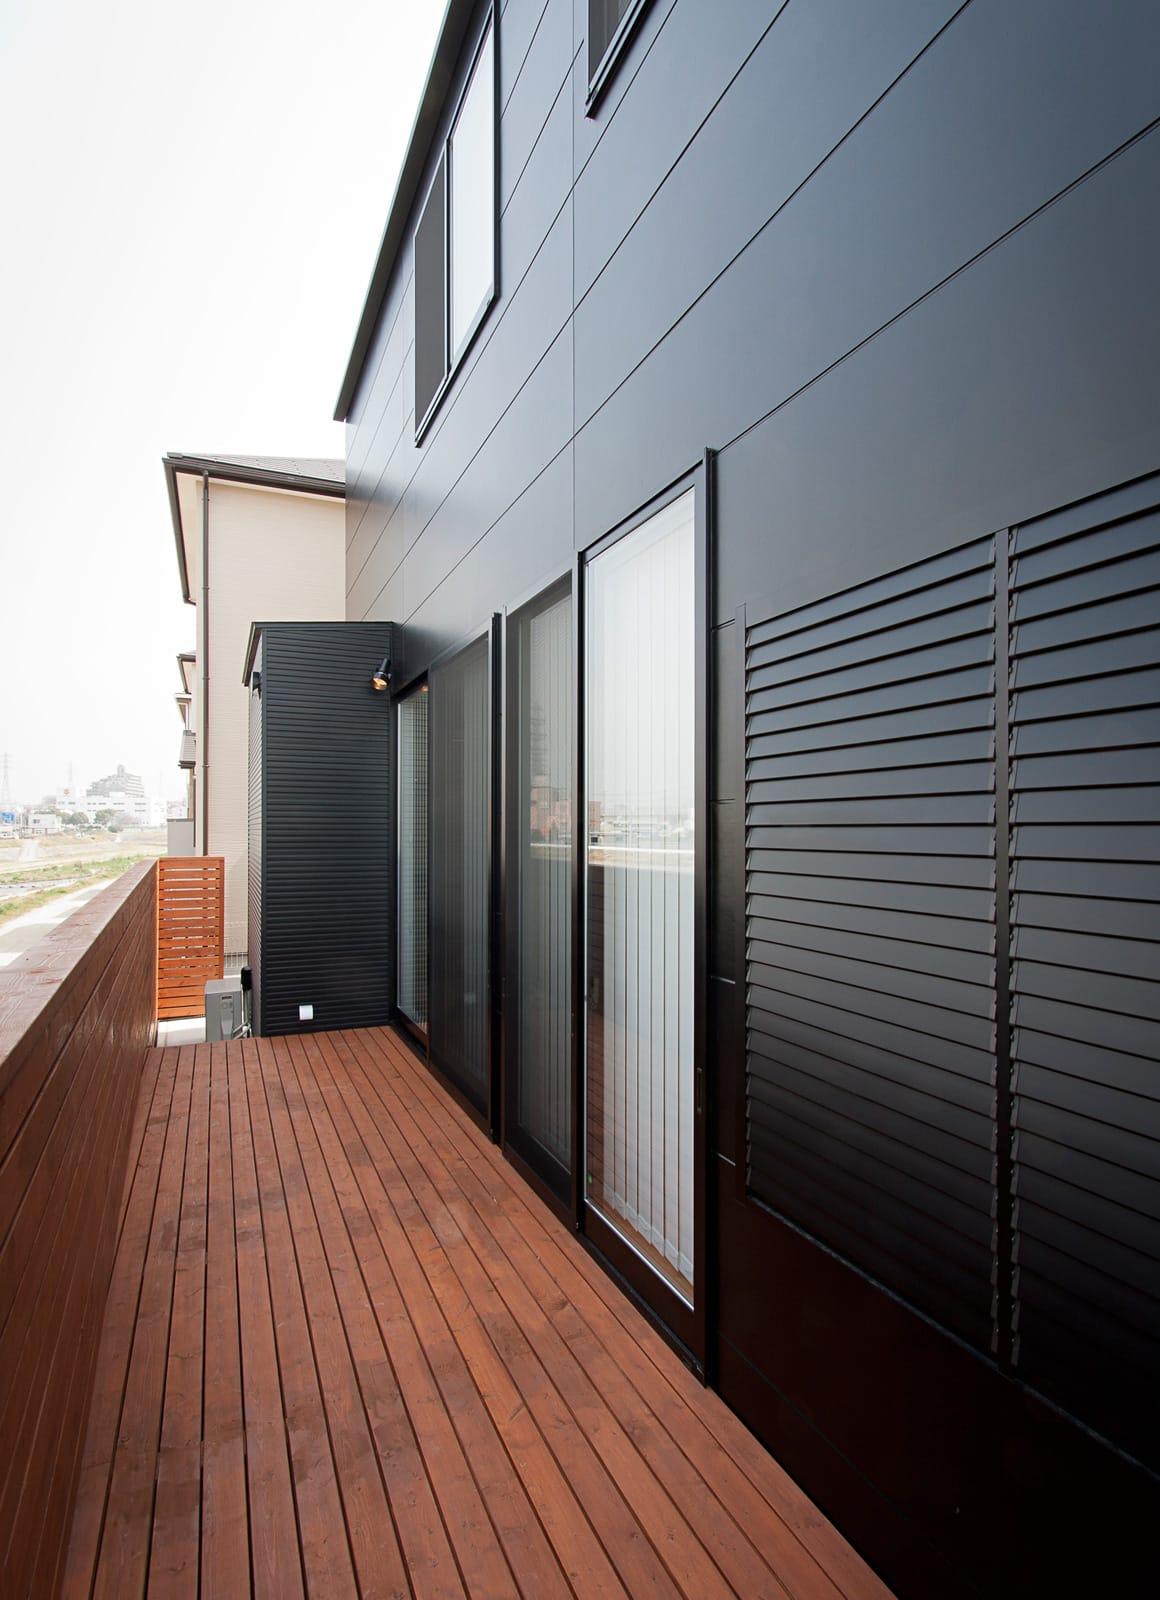 川と緑を眺めるシンプル住宅のテラス・バルコニー1